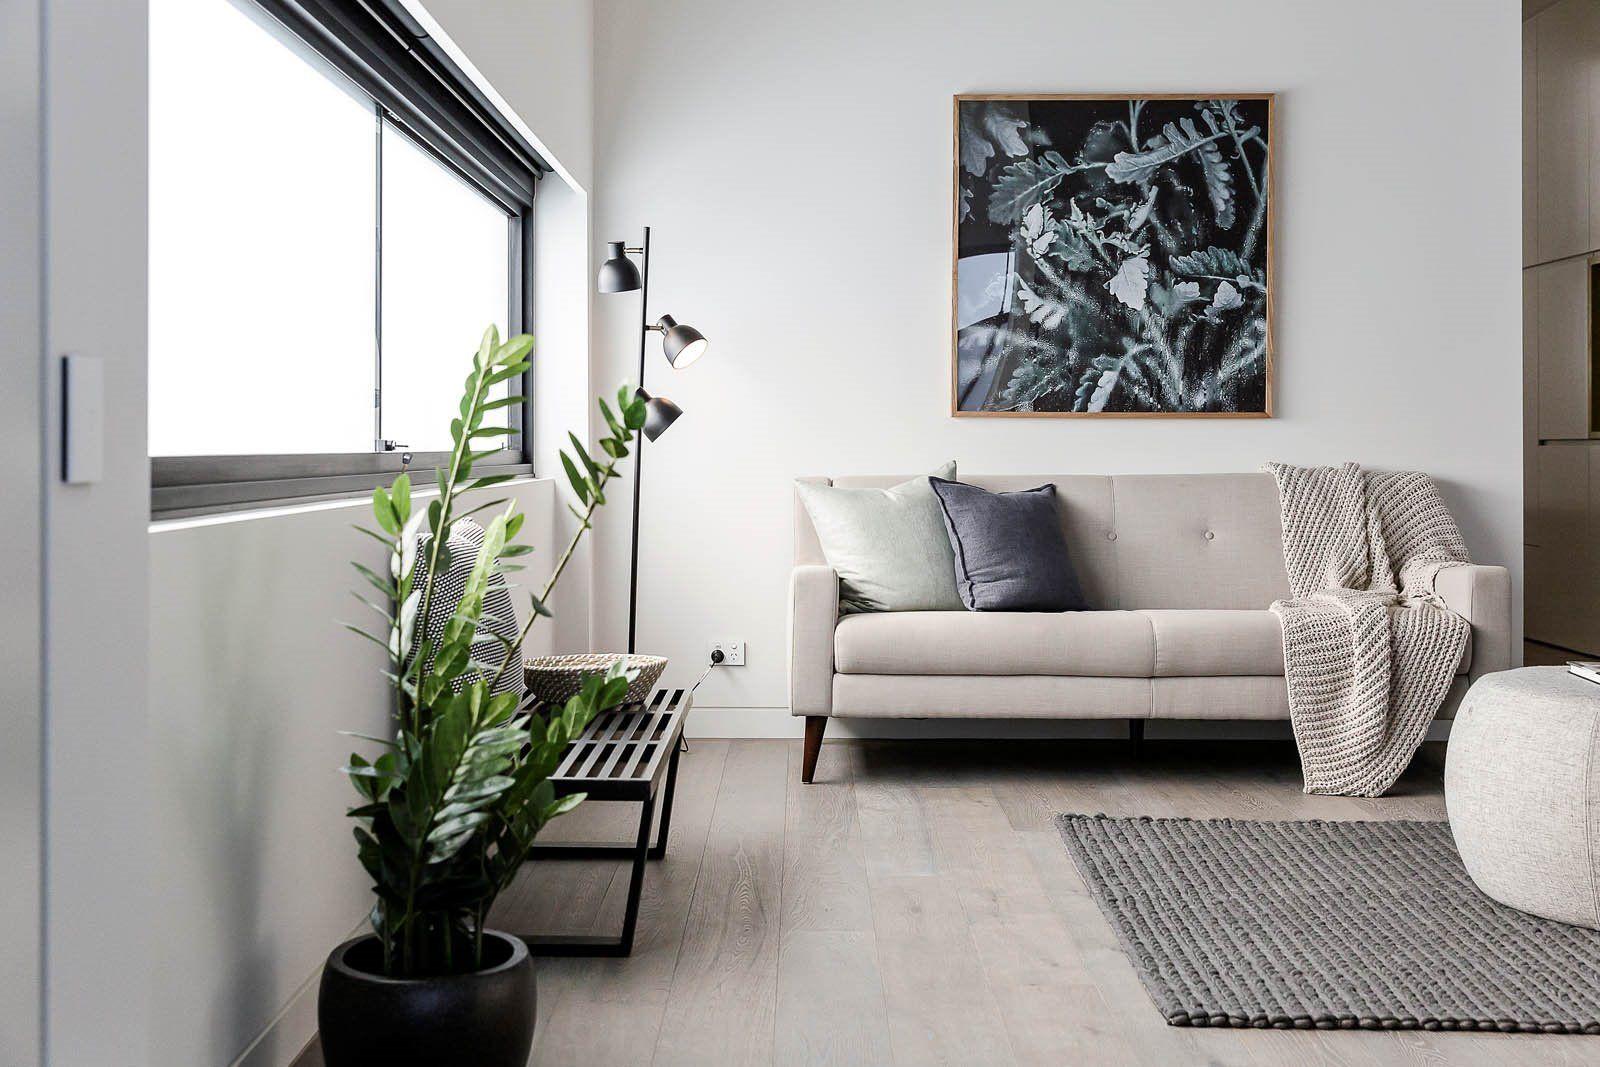 Zona de salón en entreplanta de estilo nórdico y contemporáneo minimalista